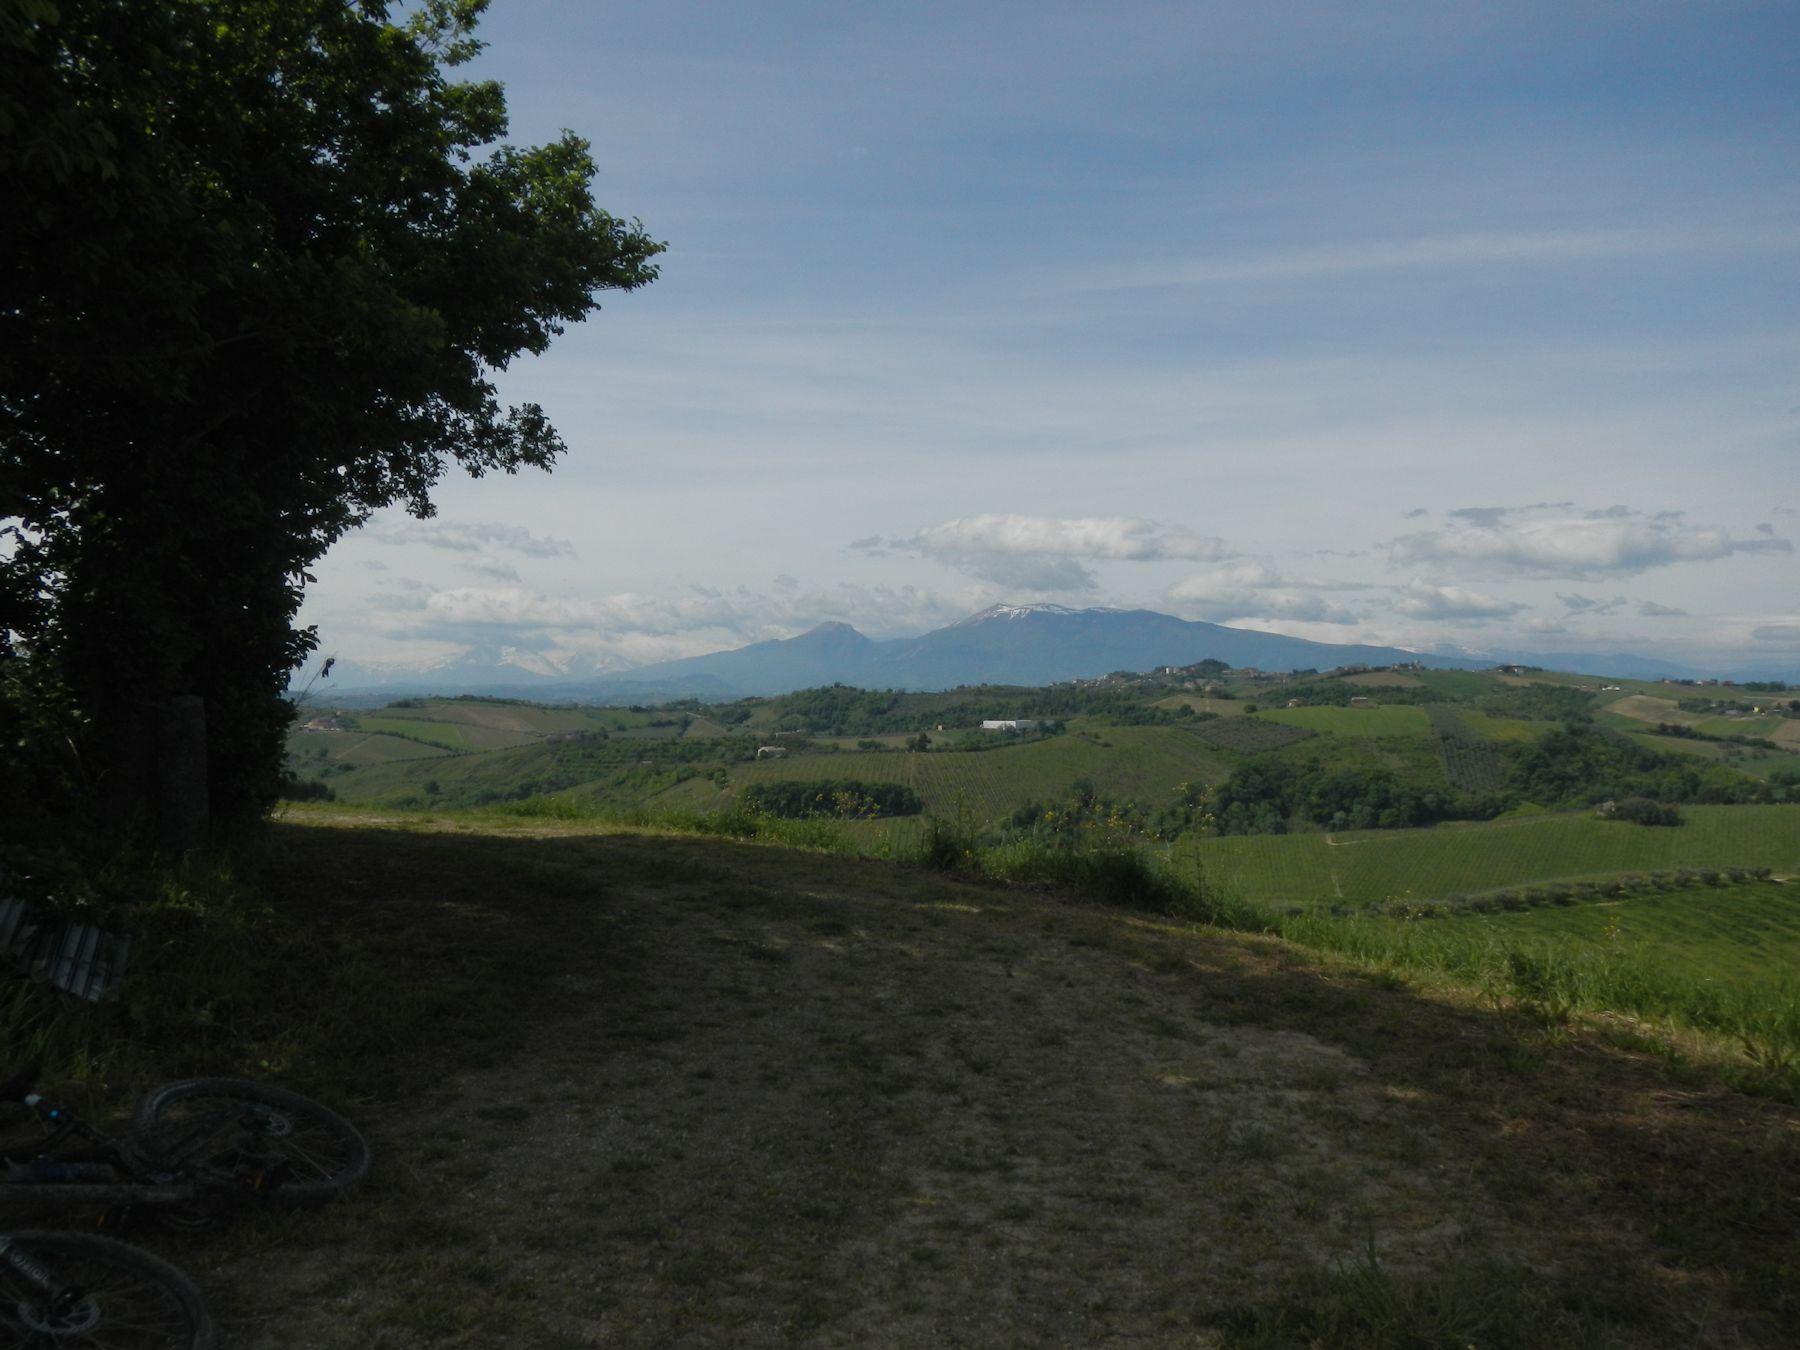 Monti gemelli dalla contrada Ciafone